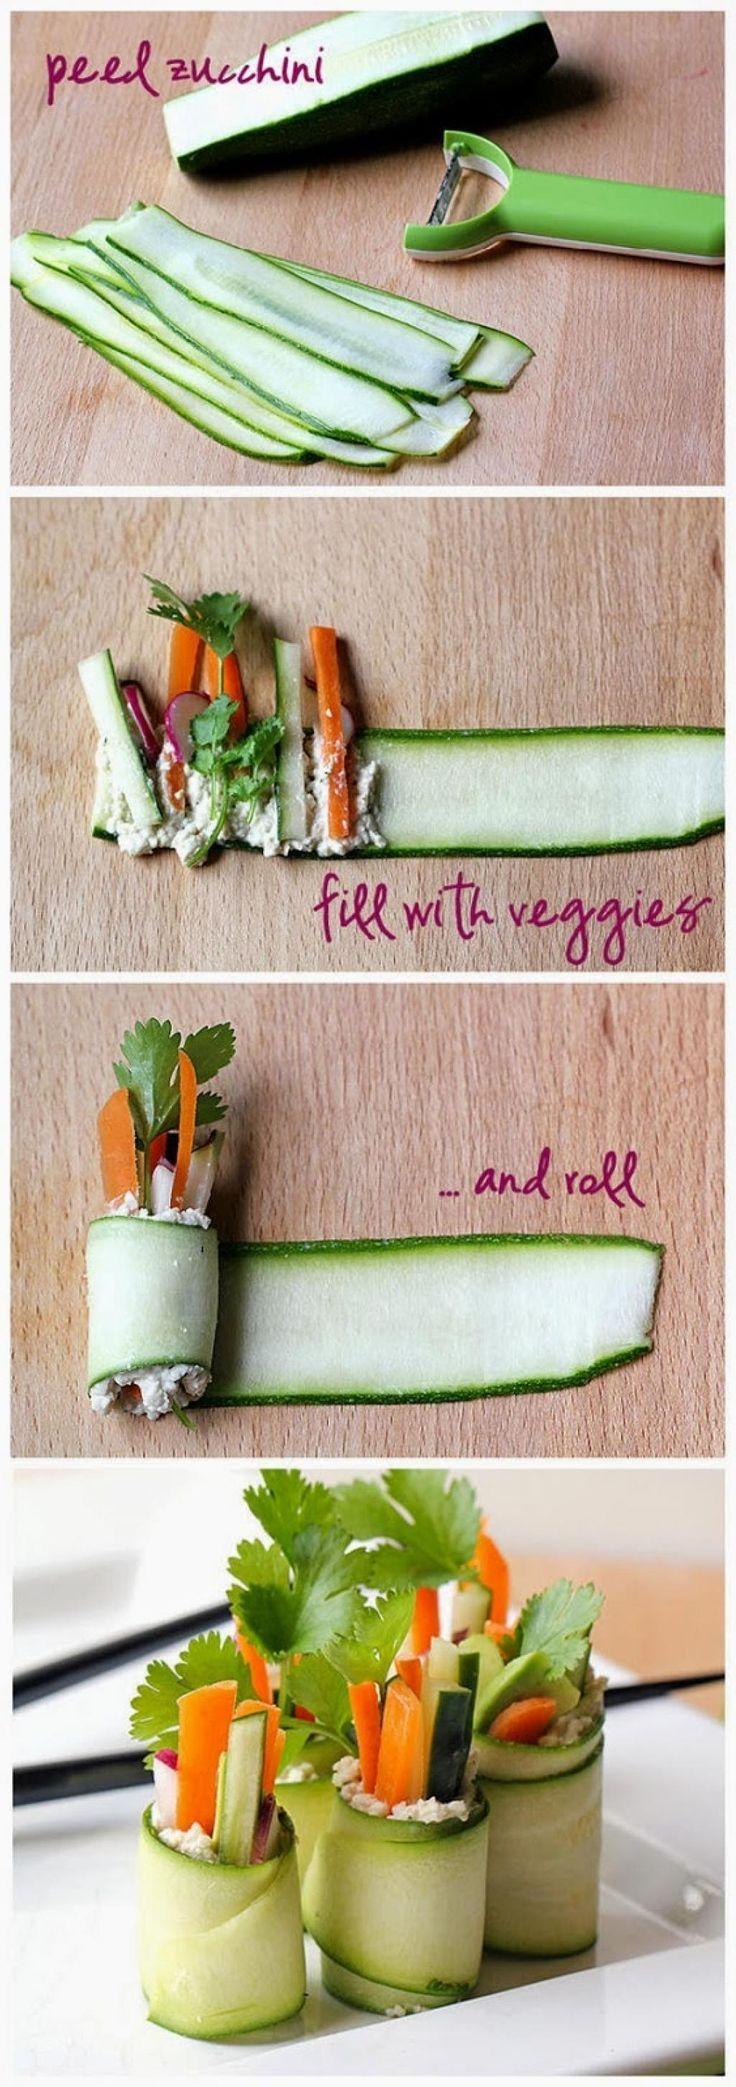 Les rouleaux de courgette accompagnée de petits légumes , un hors-d'œuvre parfait pour unebelle journée chaude. Une entrée à la fois jolie et rapide à préparer. Rafraîchissante et désaltérante. Quelques légumes vous suffisent et un peu de noix de ca